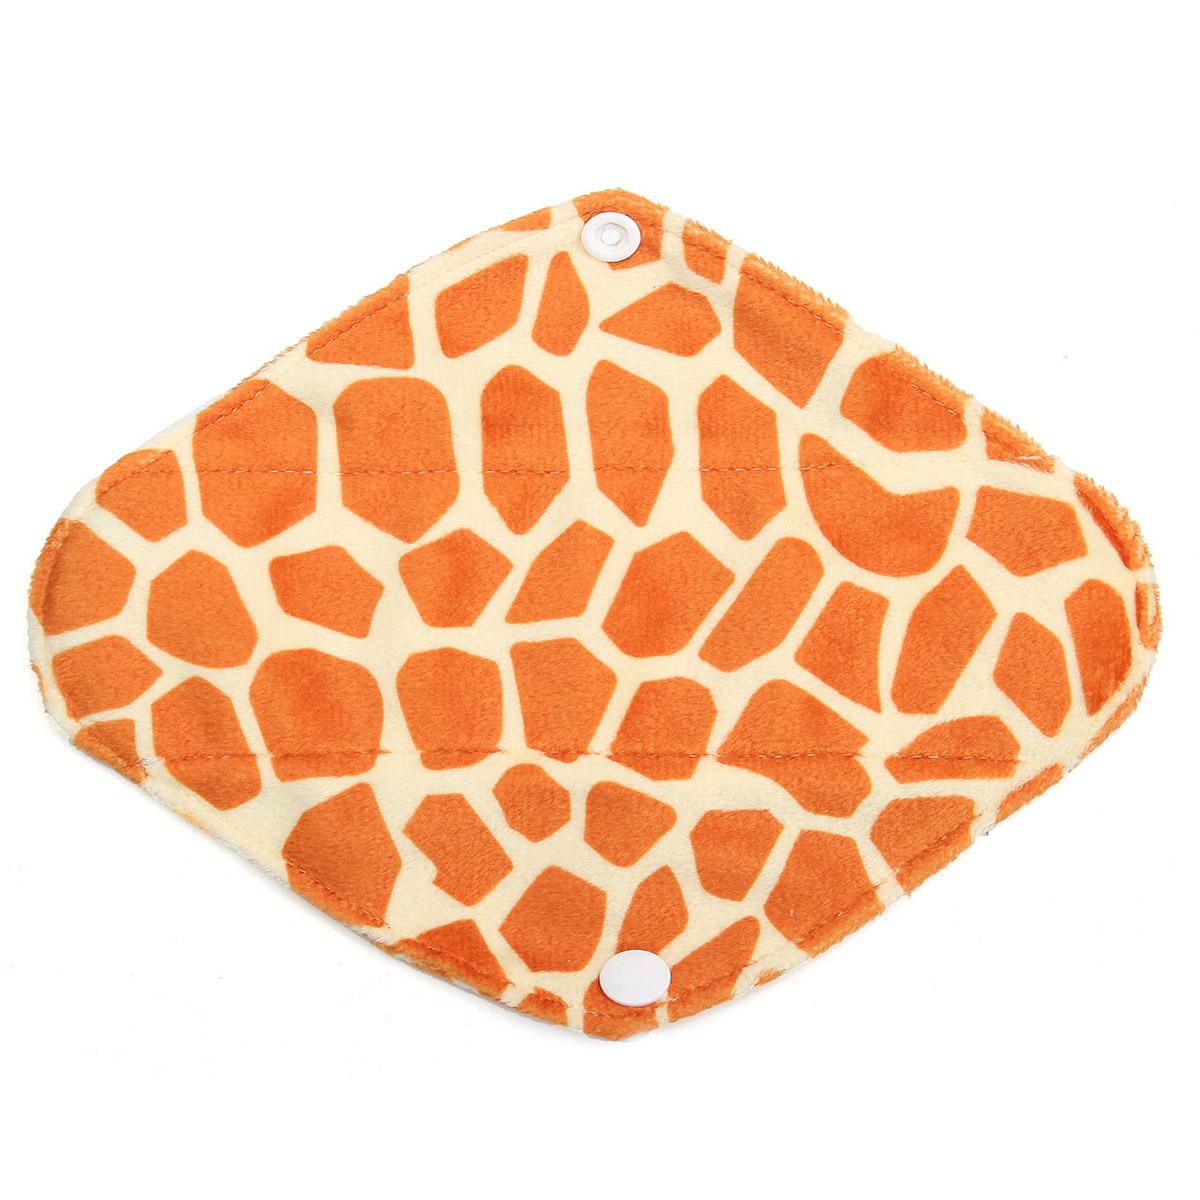 how to make reusable sanitary pads